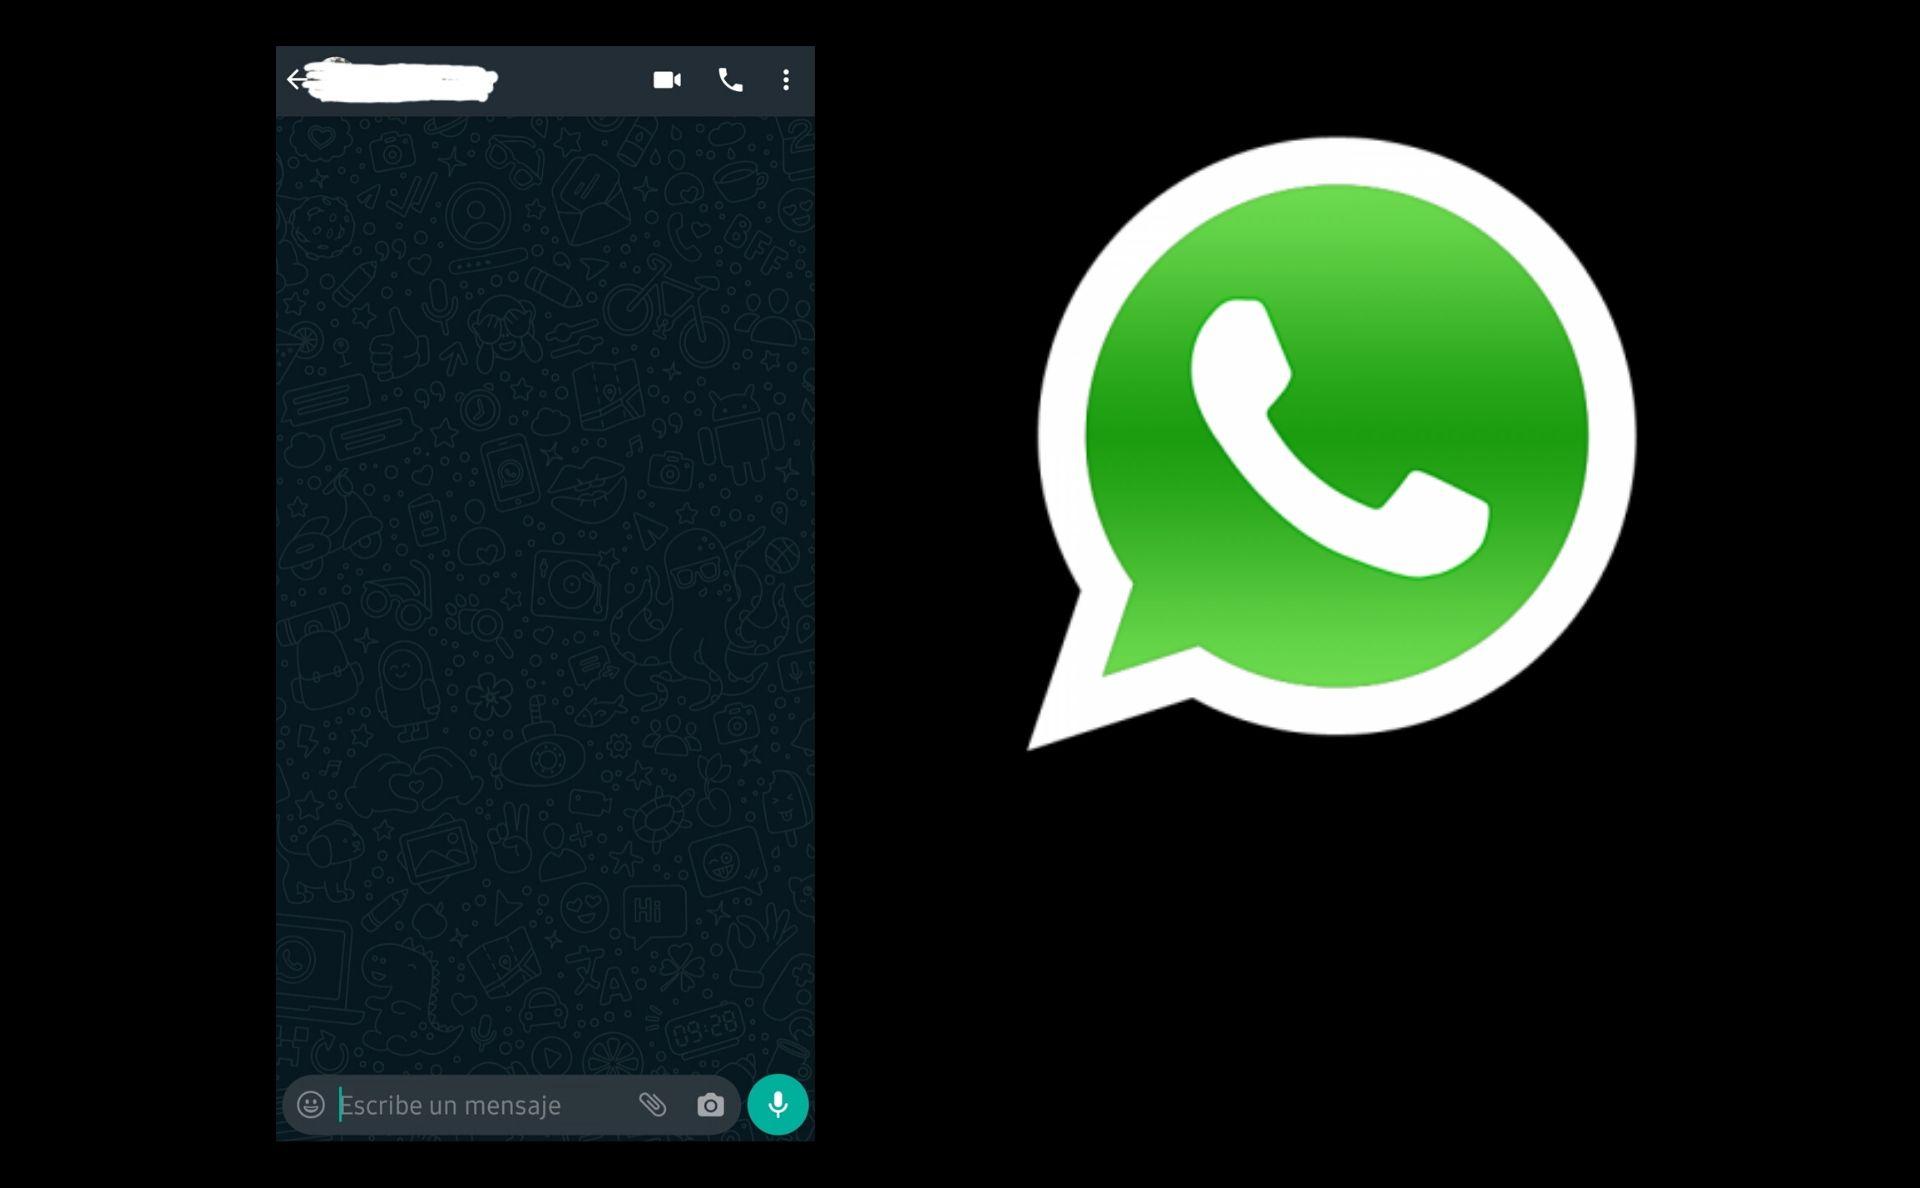 Llega el modo oscuro a Whatsapp: así puedes activarlo